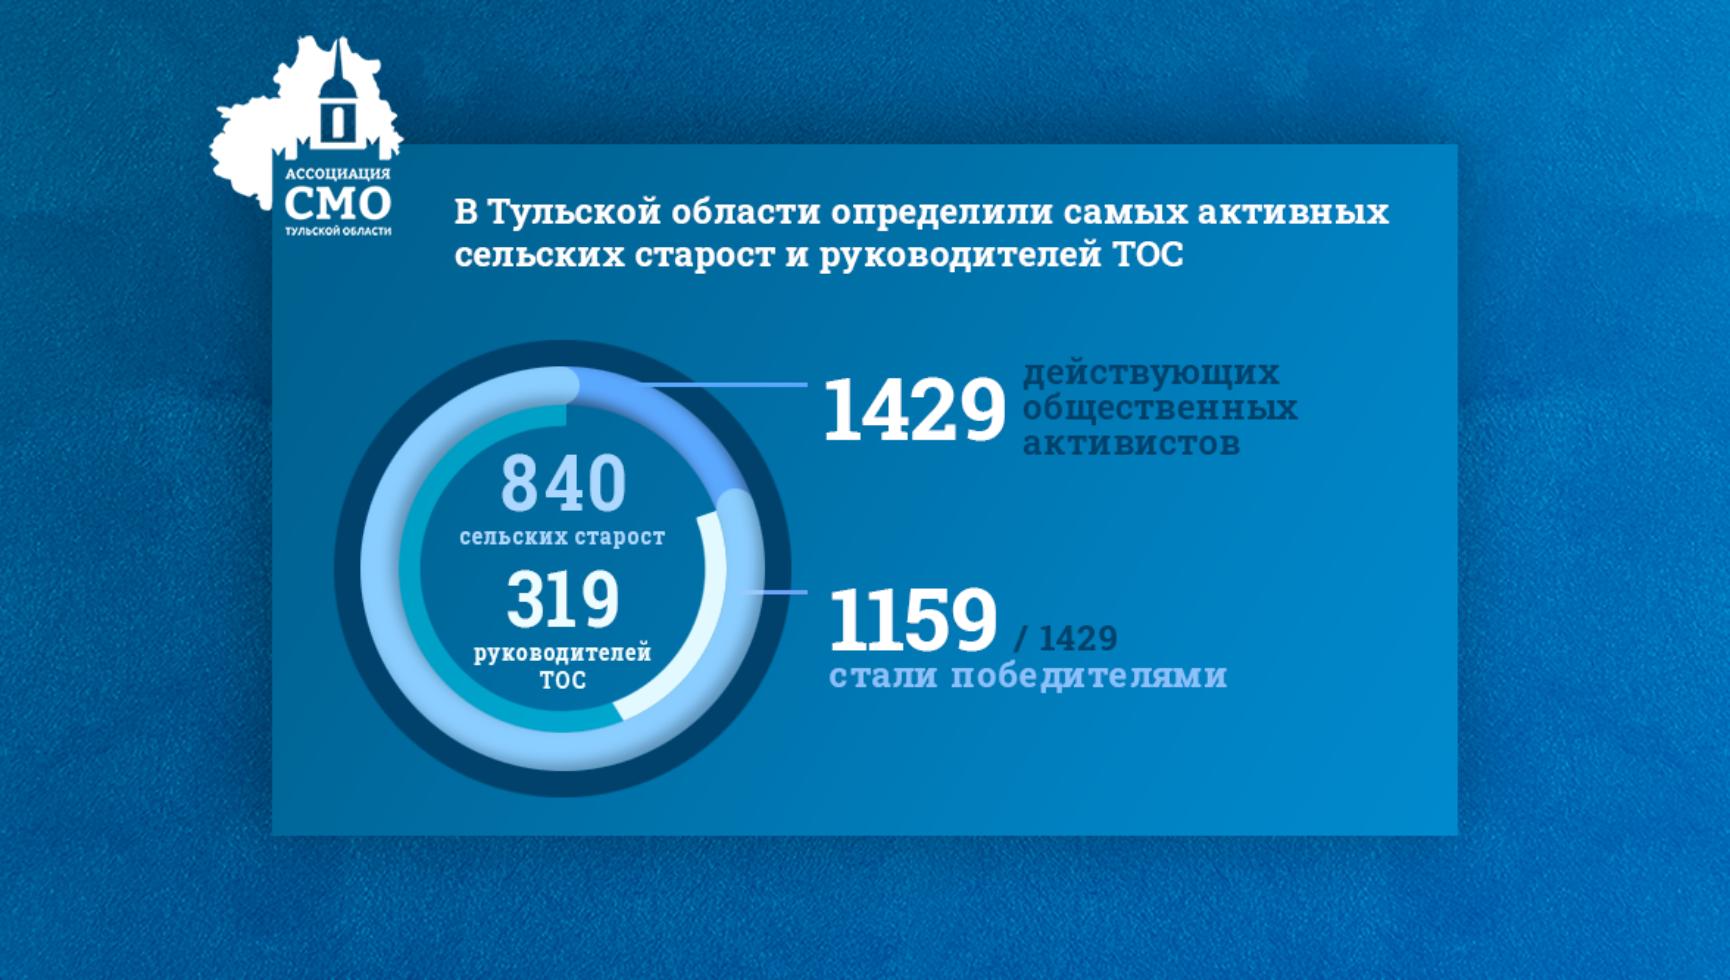 В Тульской области определили самых активных сельских старост и руководителей ТОС